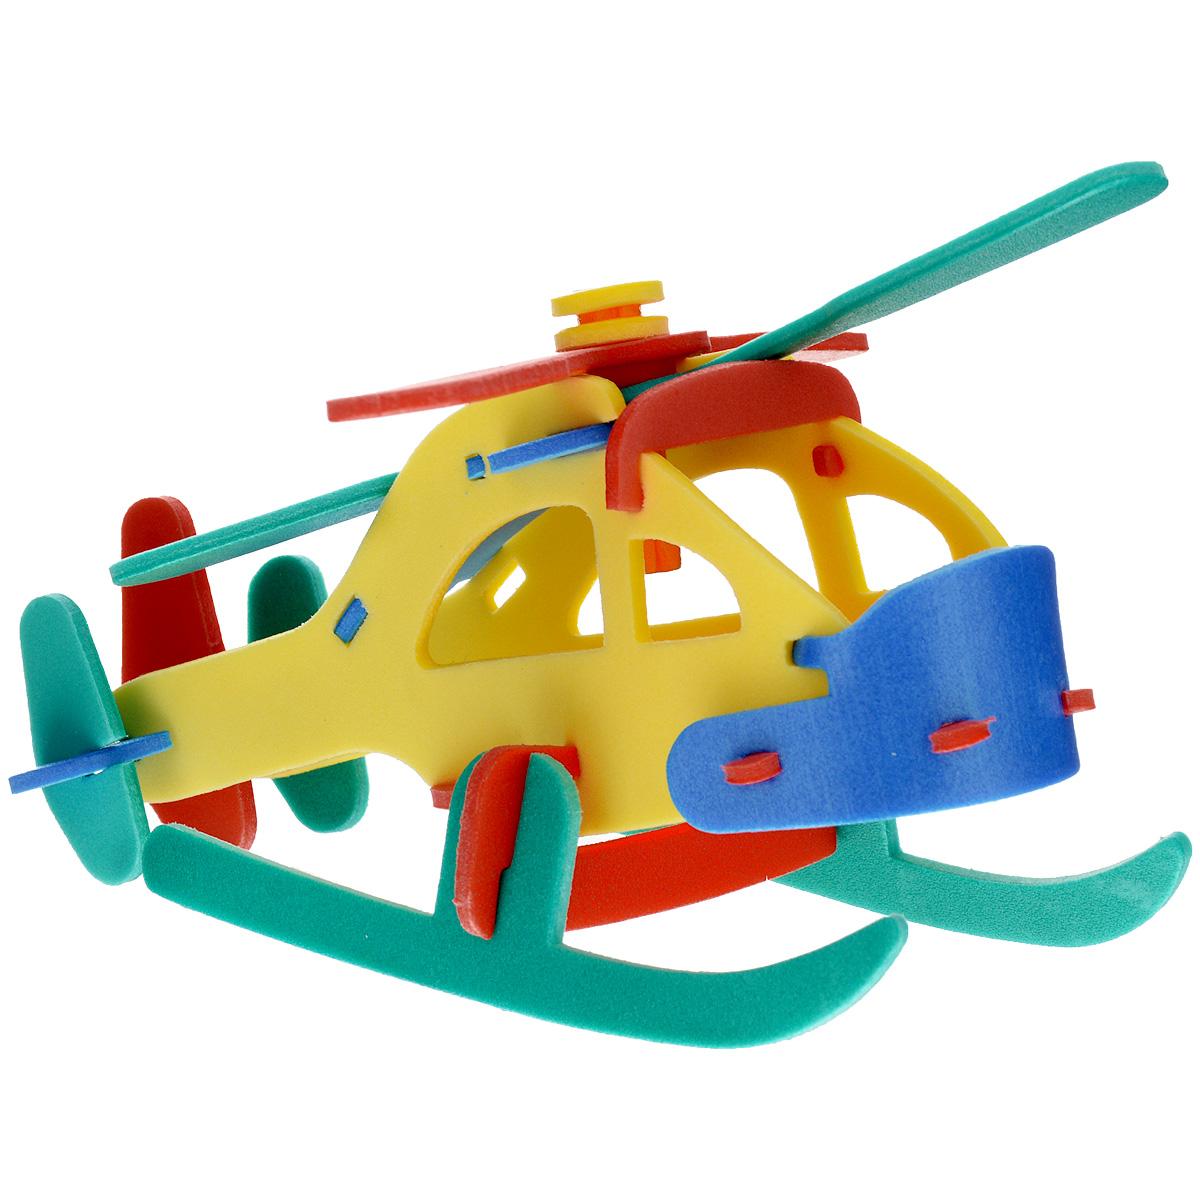 Флексика Мягкий конструктор Пассажирский вертолет флексика мягкий конструктор вертолетик